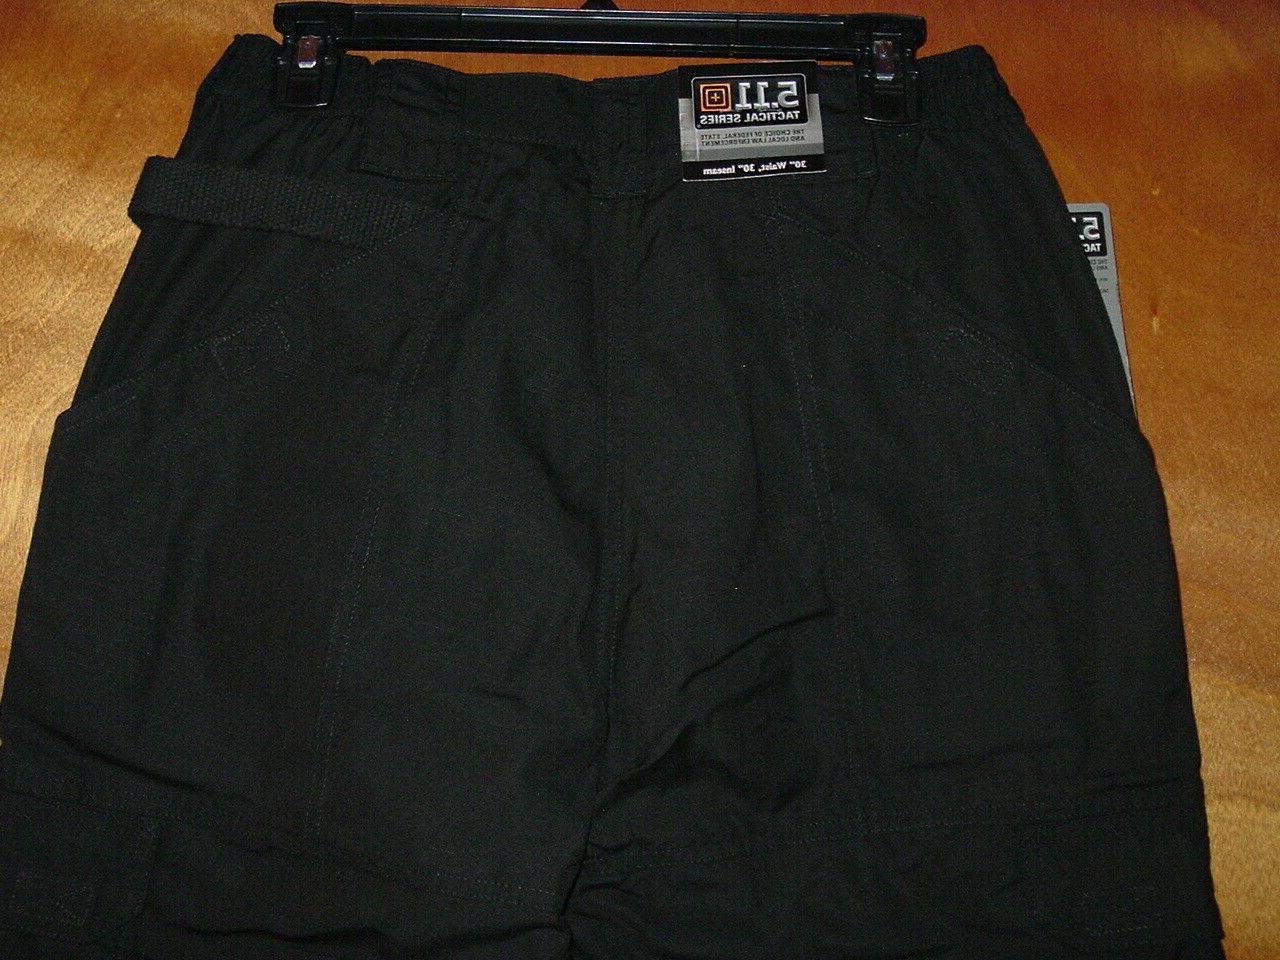 Pro Pants Pocket Mens 30 Tags.